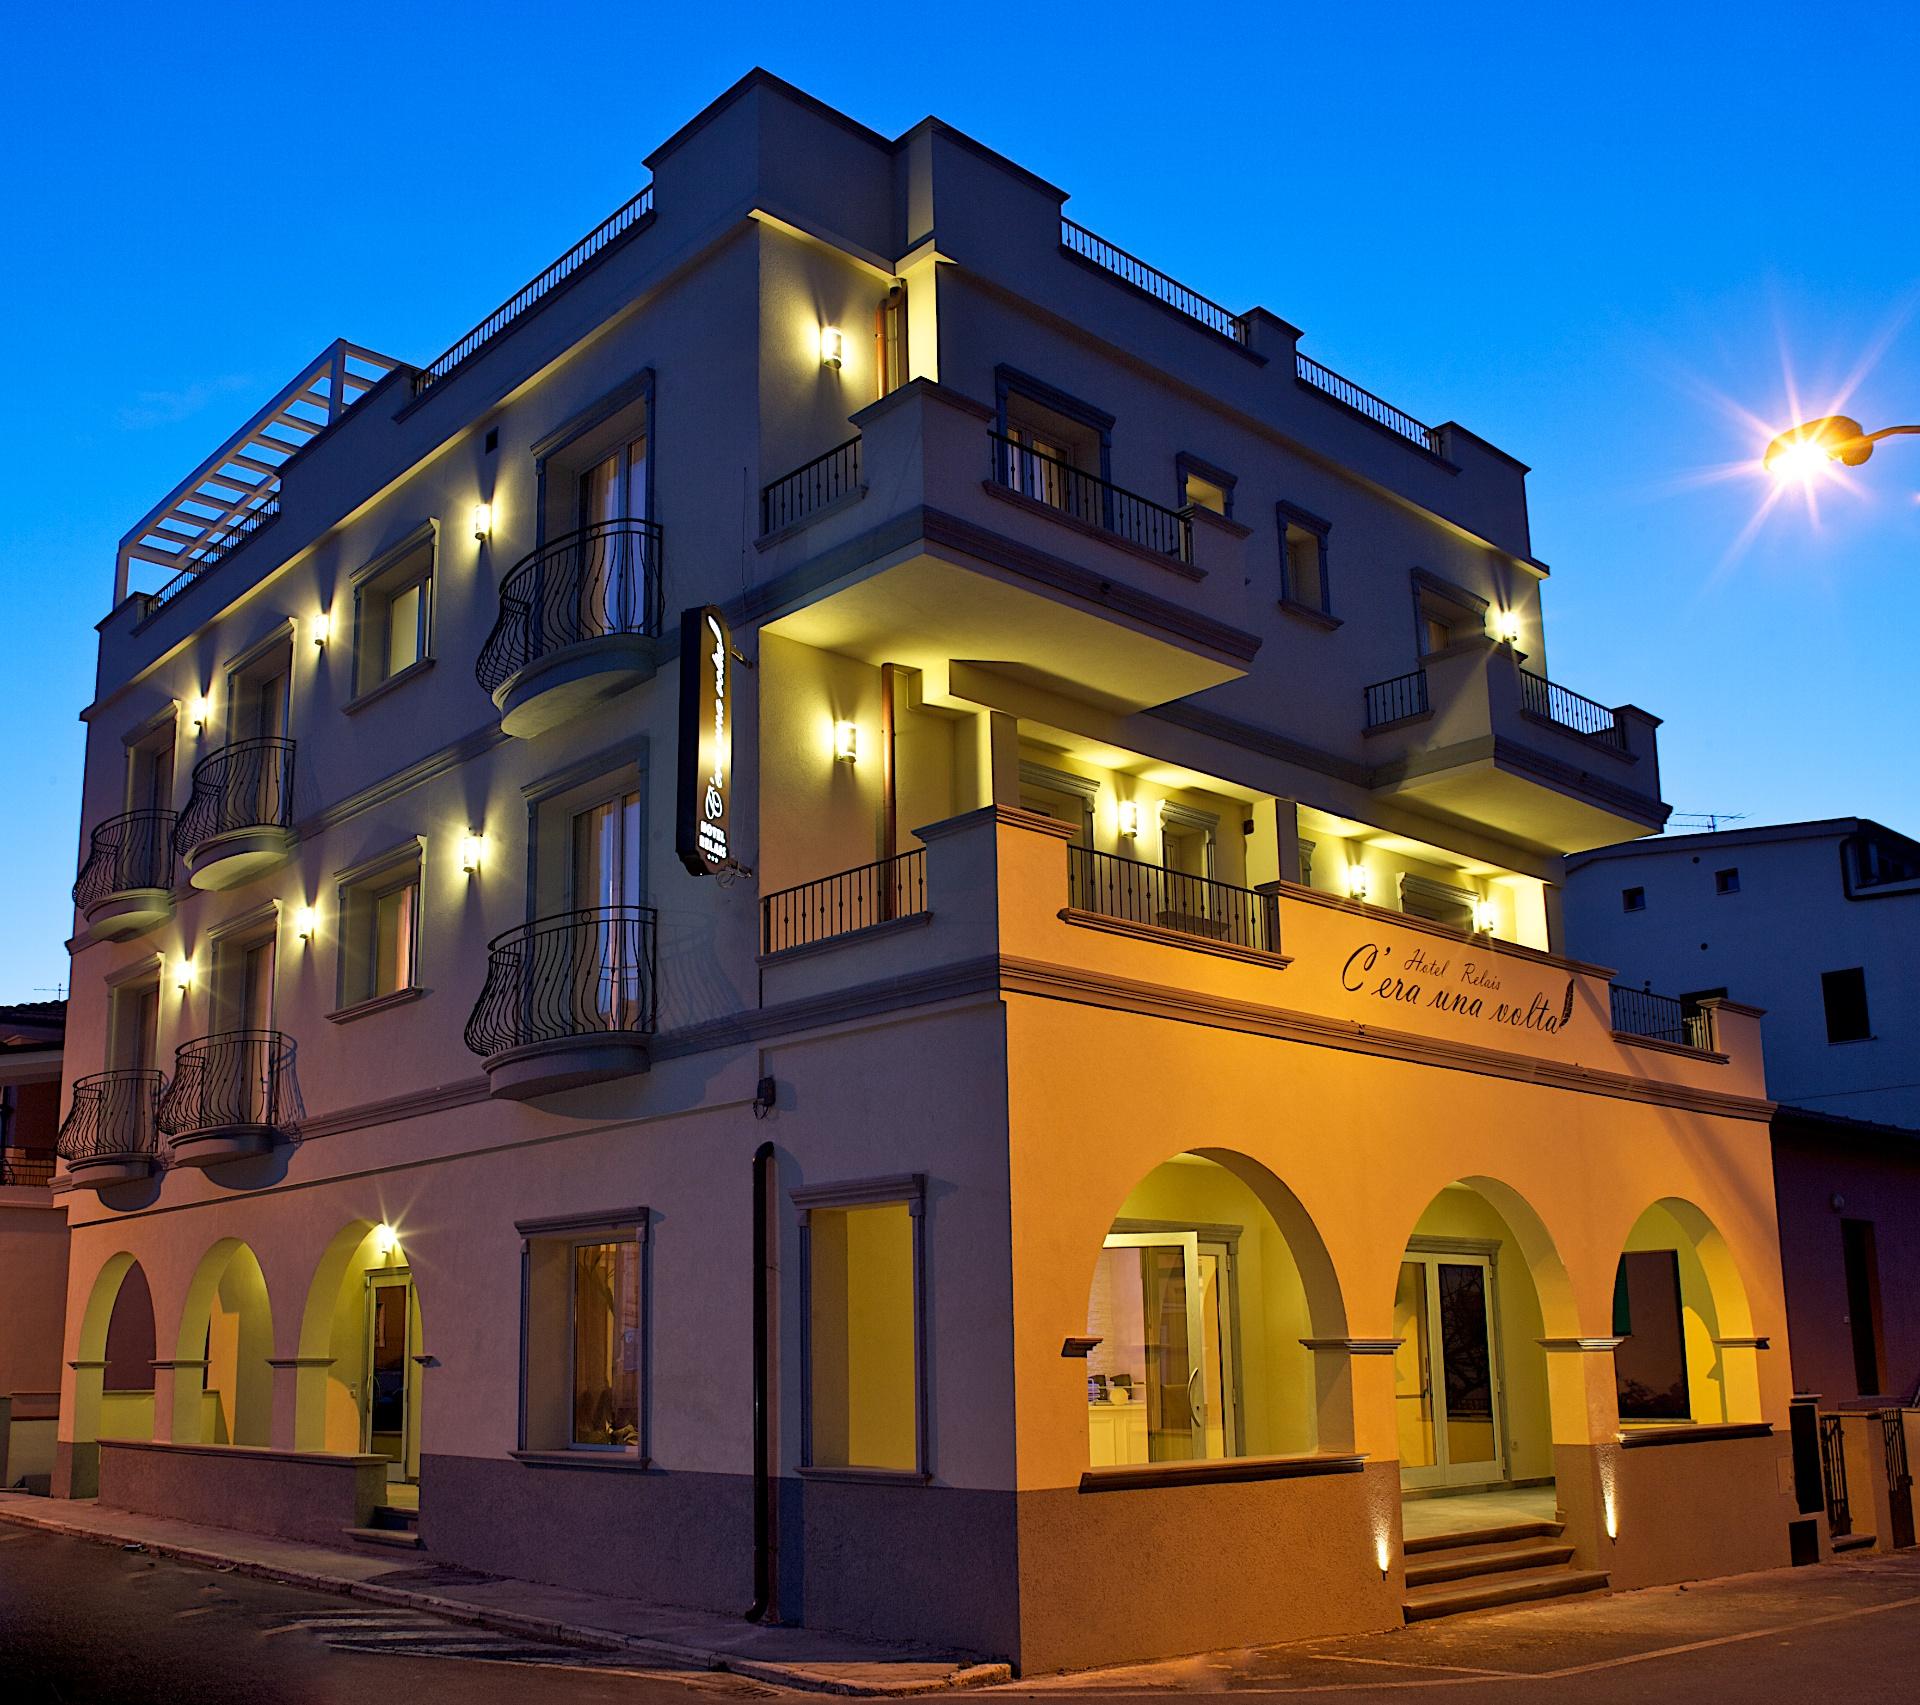 Foto di castiglione della pescaia maremma toscana hotel for Hotel castiglione della pescaia